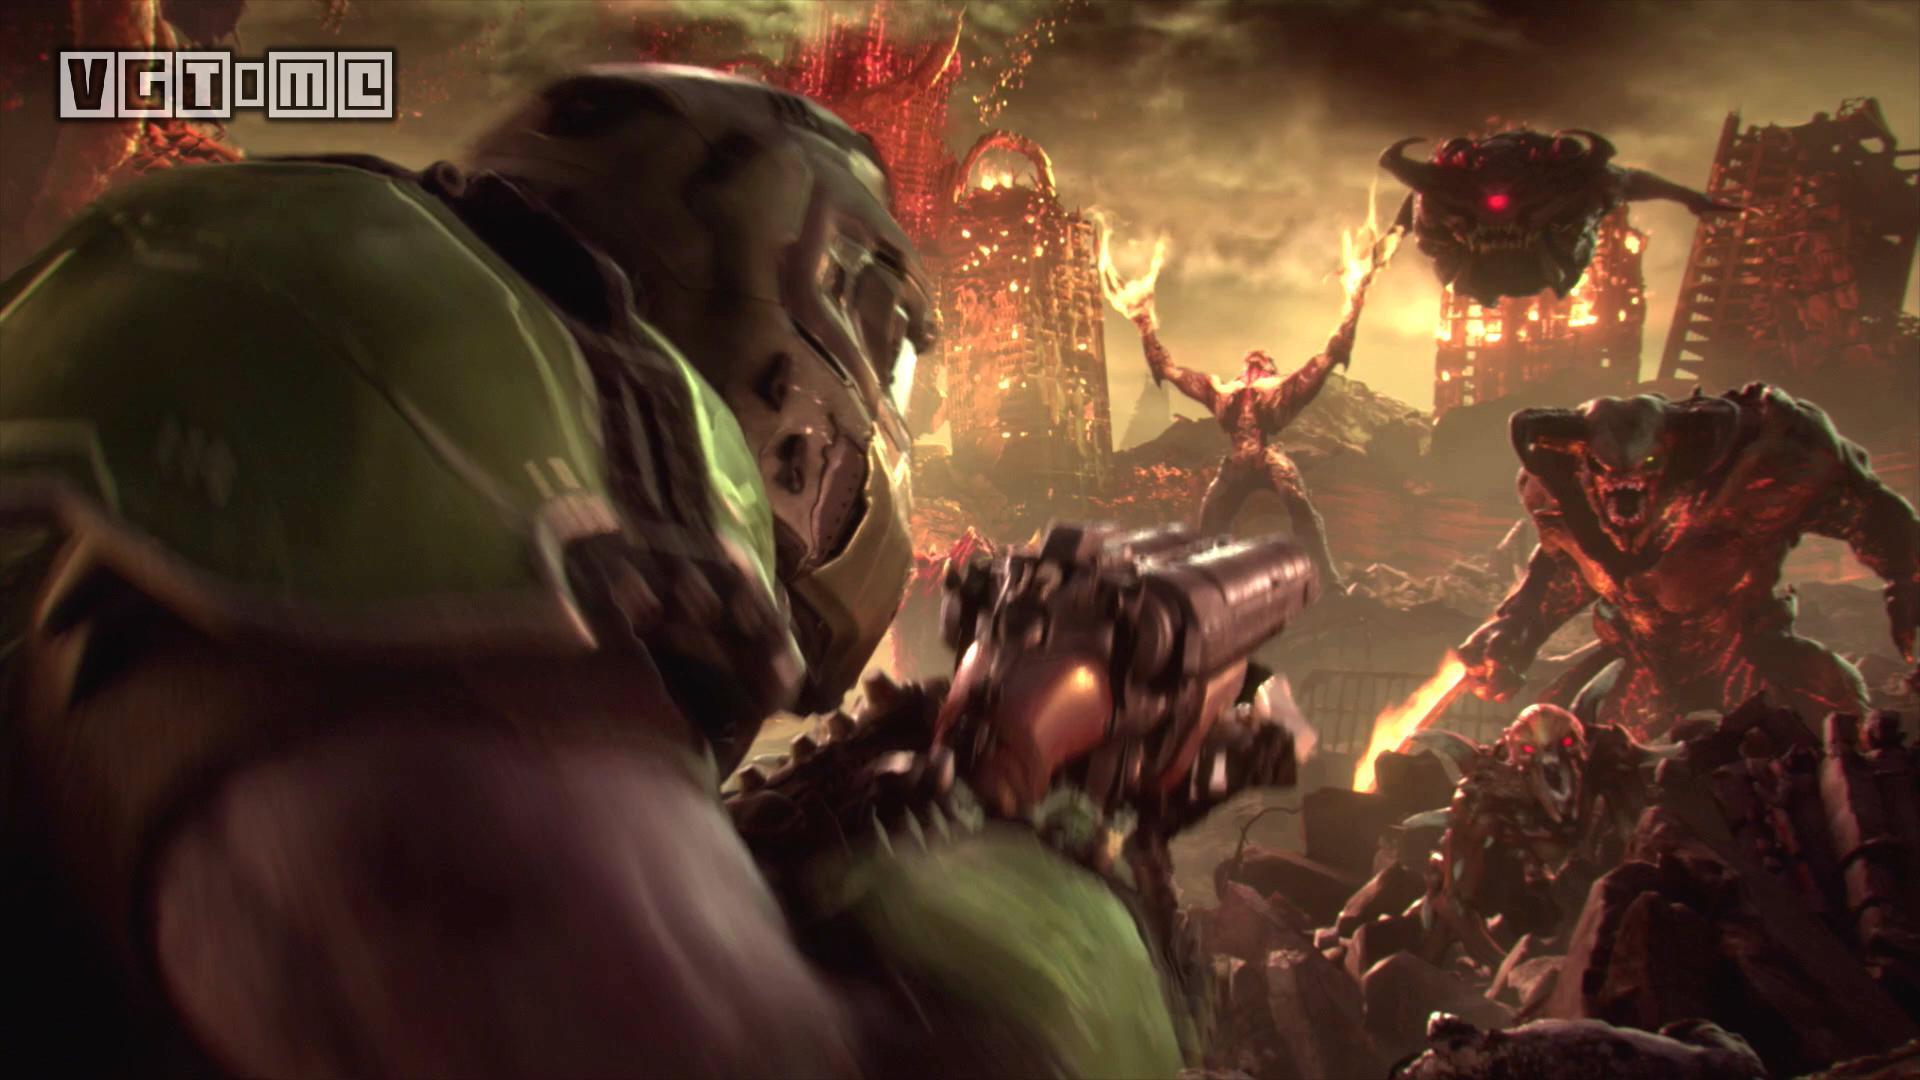 《毁灭战士 永恒》总监:项目最初的版本其实很无聊